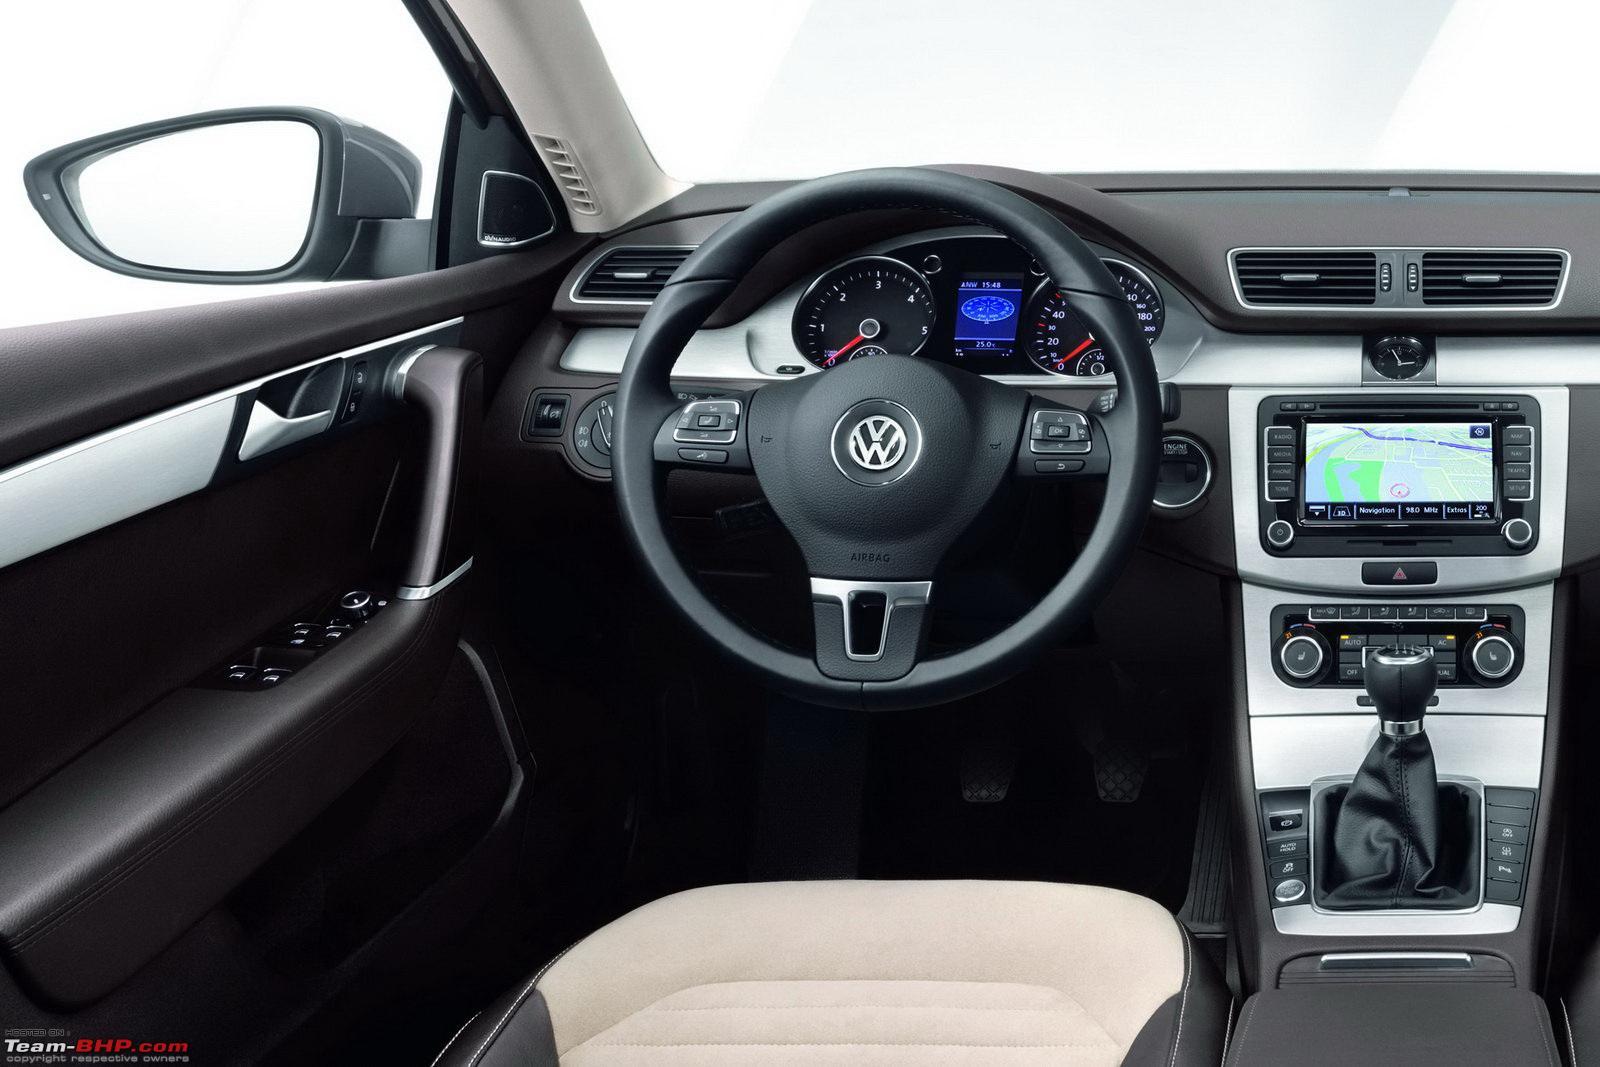 Какие системы пассивной безопасности есть у VW Passat B7?